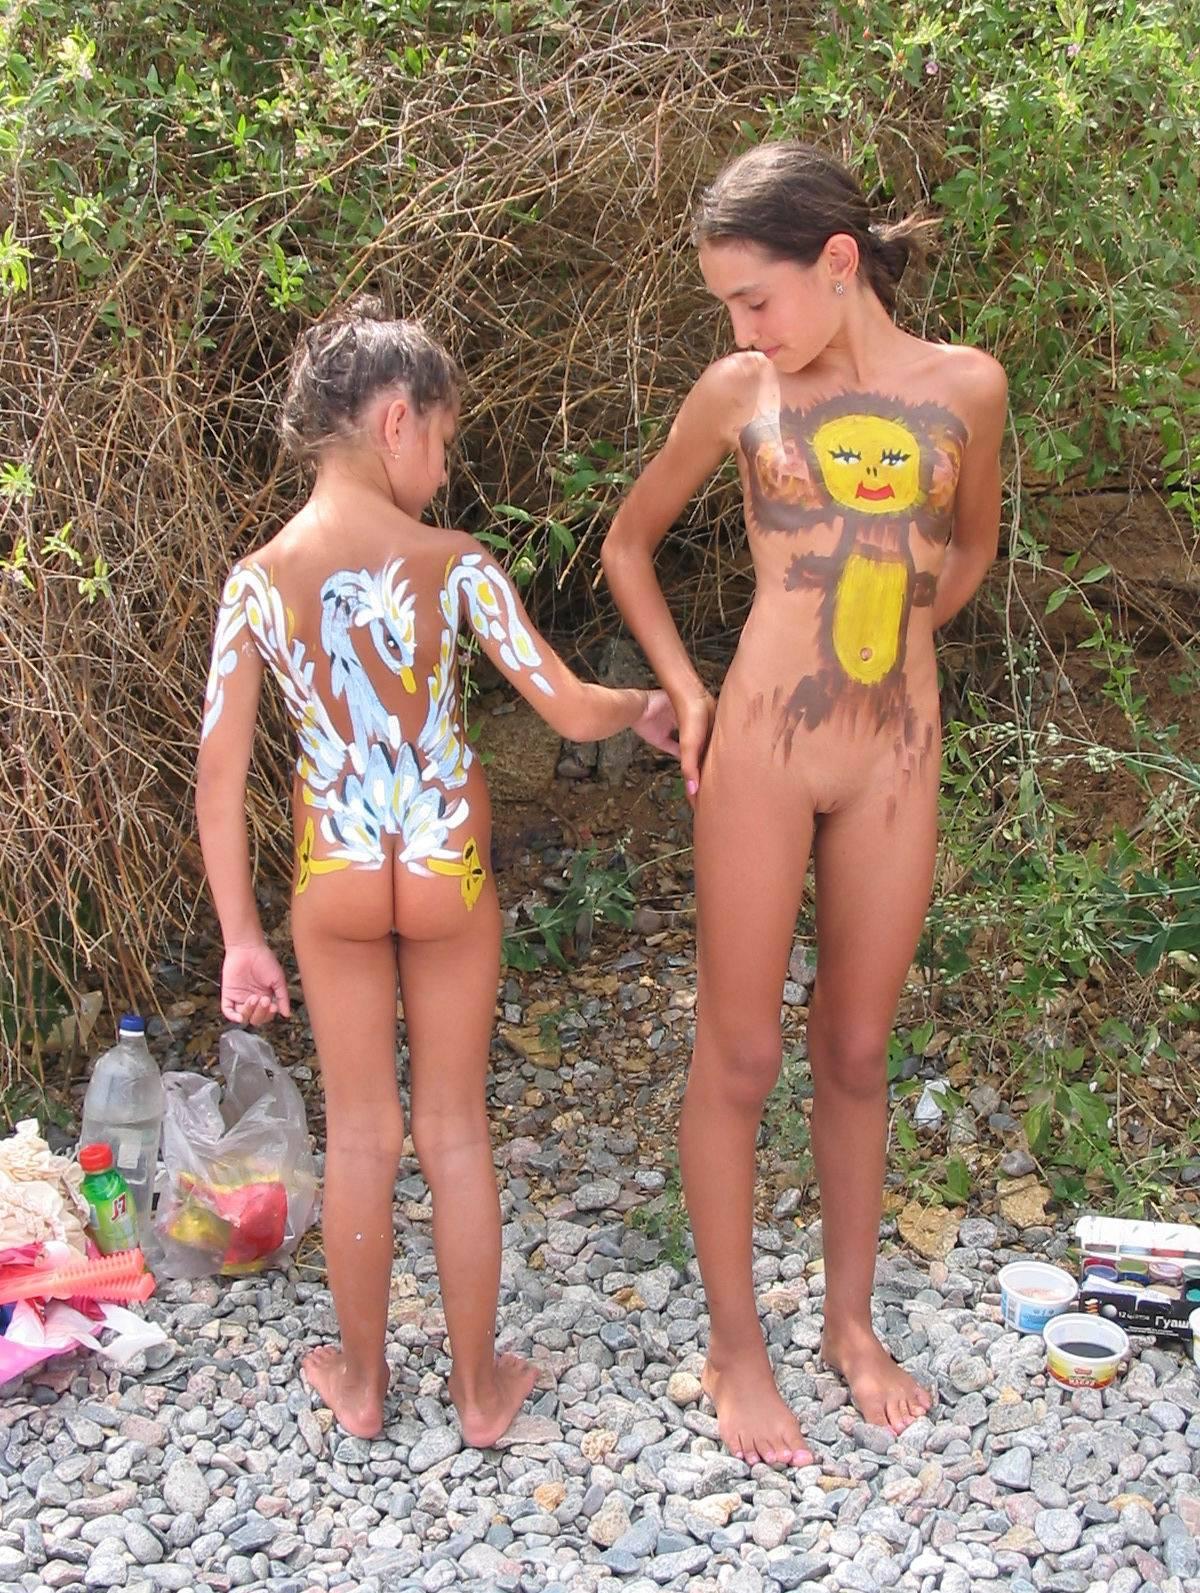 Nudist Pictures Kids Cheburashka Paints - 1